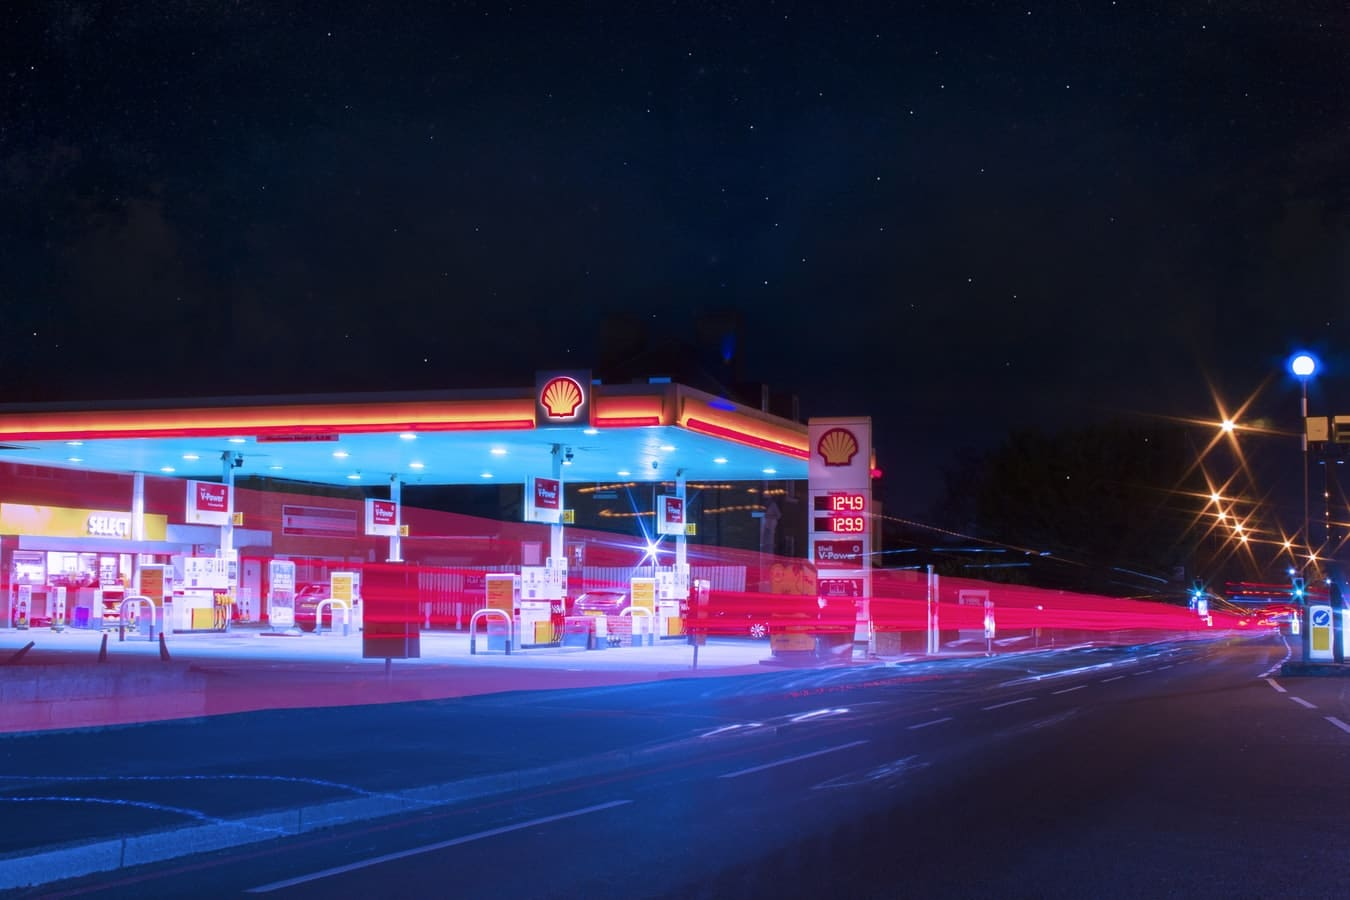 benzine prijs door het dak